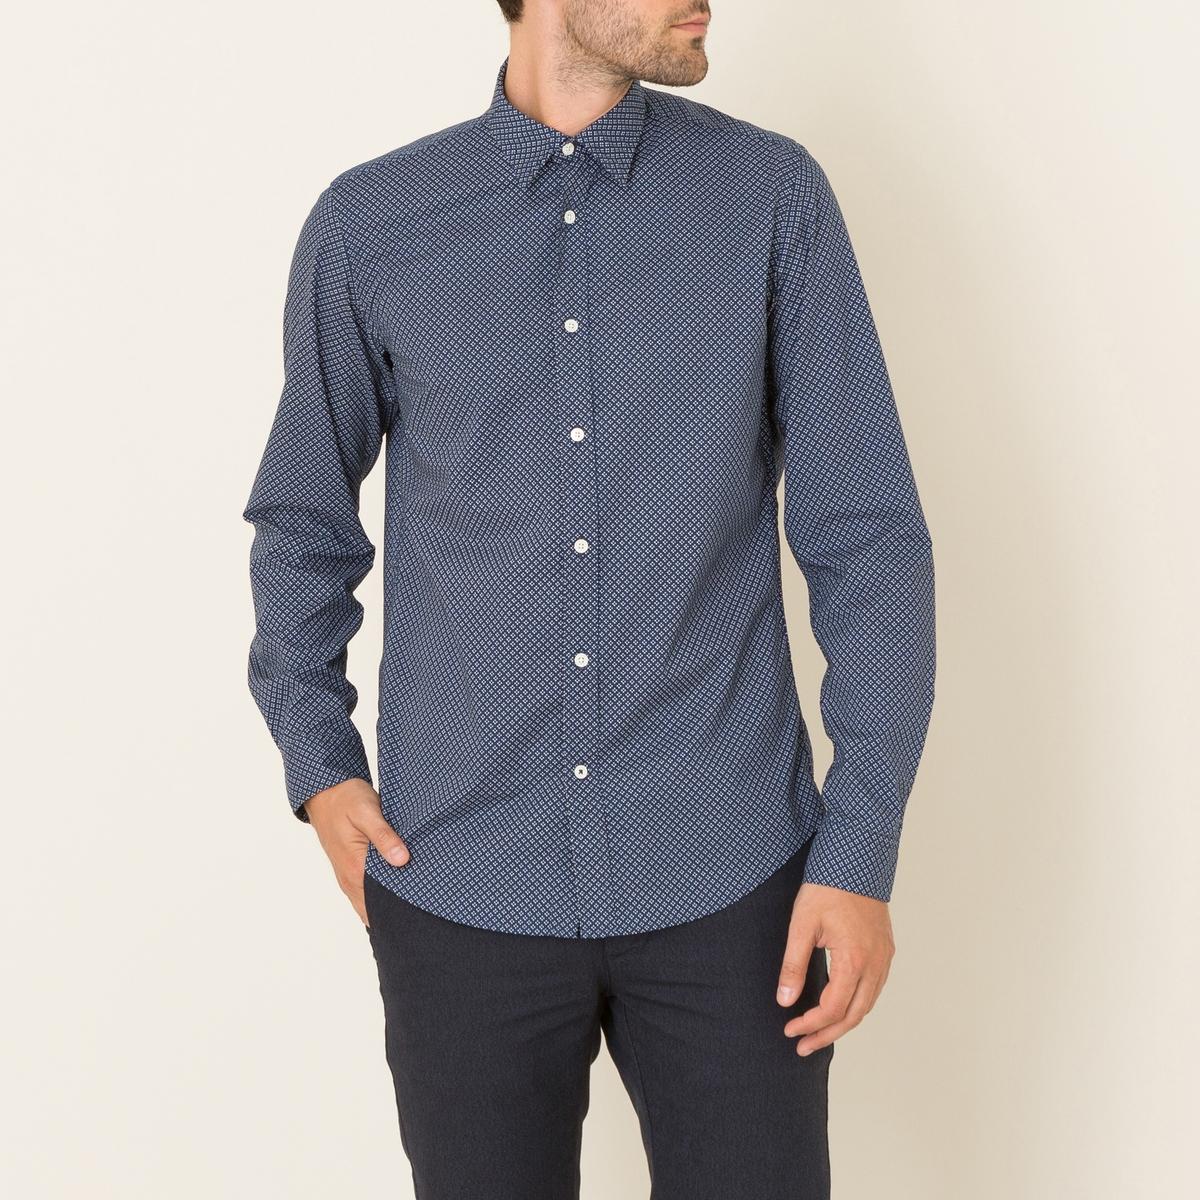 Рубашка SAMMYРубашка HARTFORD, модель SAMMY. Покрой Slim Fit. Классический воротник. Длинные рукава с застежкой на пуговицы. Сплошной цветочный микроузор. Состав и описание    Материал : 100% хлопокМарка : HARTFORD<br><br>Цвет: темно-синий